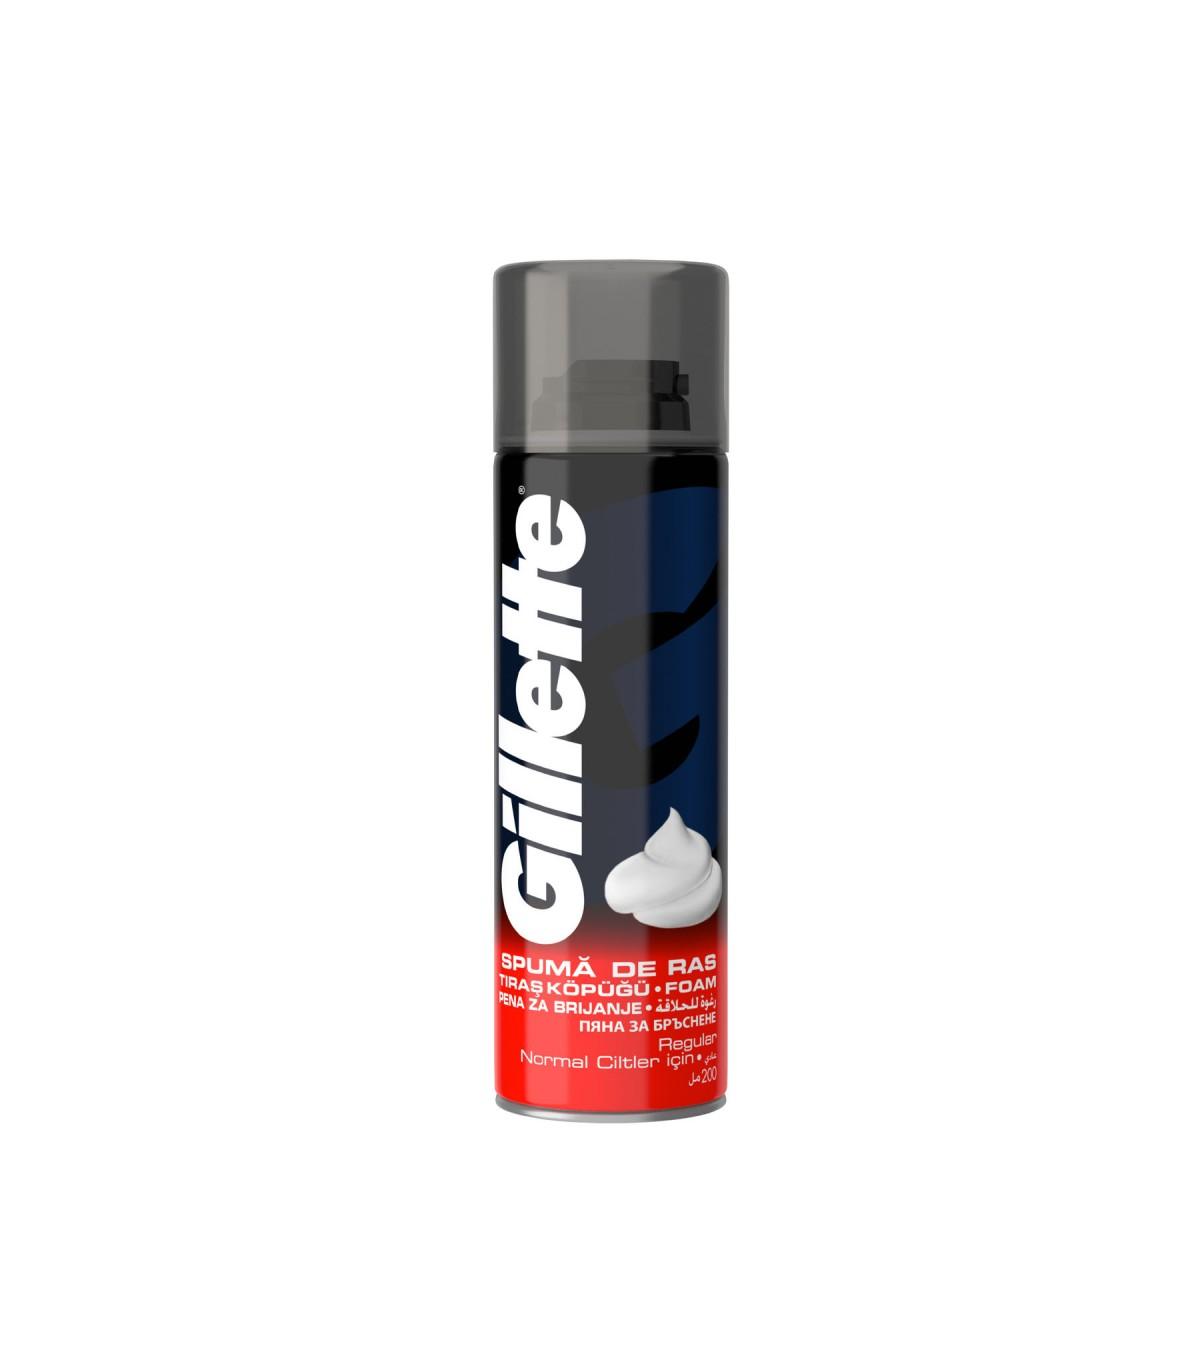 Gillette فوم اصلاح پوست نرمال 200 میل ژیلت